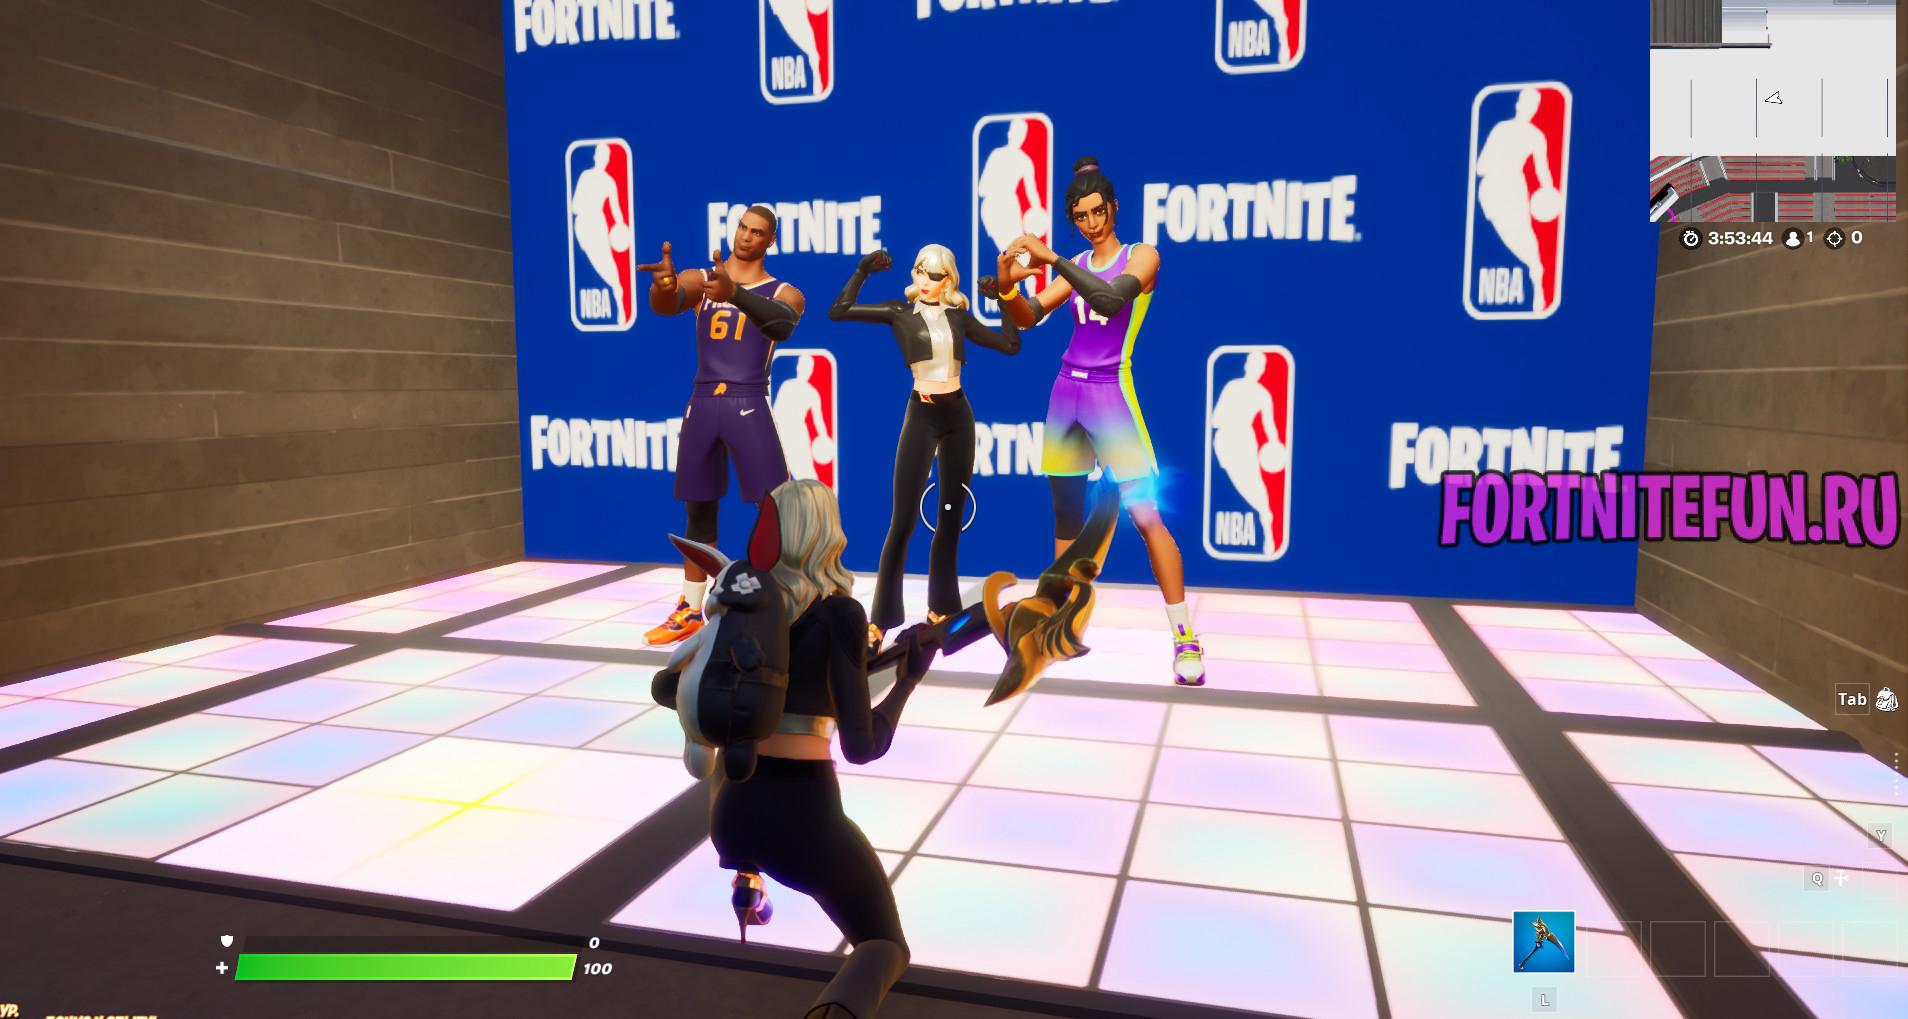 с баскетболистами - Испытания NBA в творческом режиме на опыт - прохождение